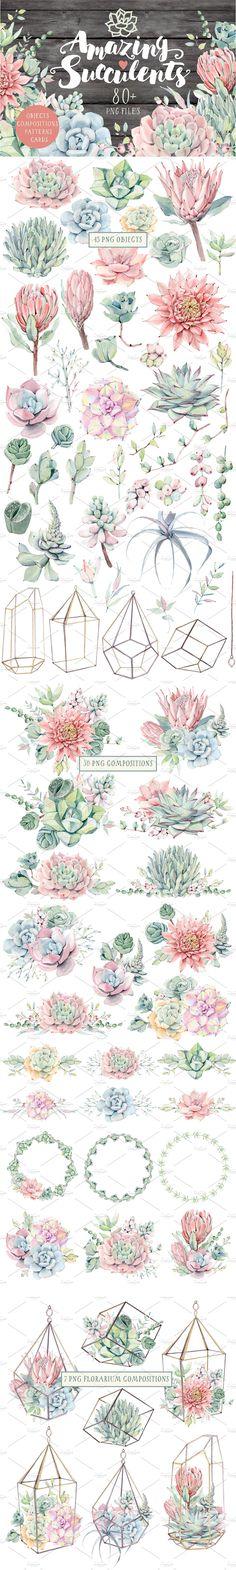 Watercolor Cactus, Watercolor Art, Pocket Wedding Invitations, Clip Art, Watercolor Wedding Invitations, Photoshop, Succulents, Succulent Plants, Graphic